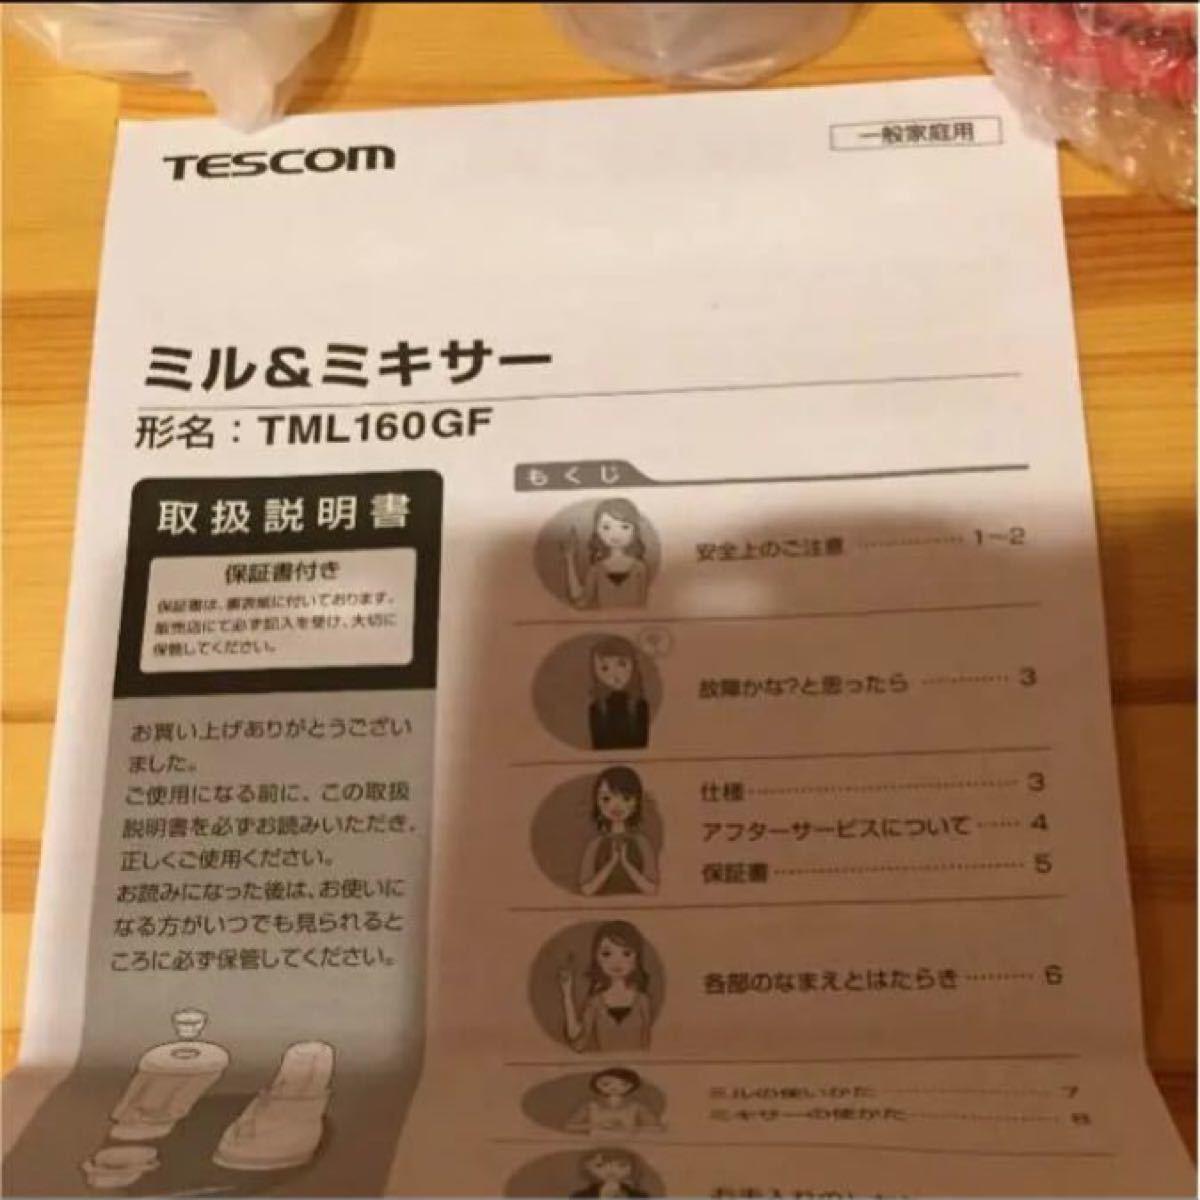 TESCOM ミル&ミキサー ホワイト 新品未使用品